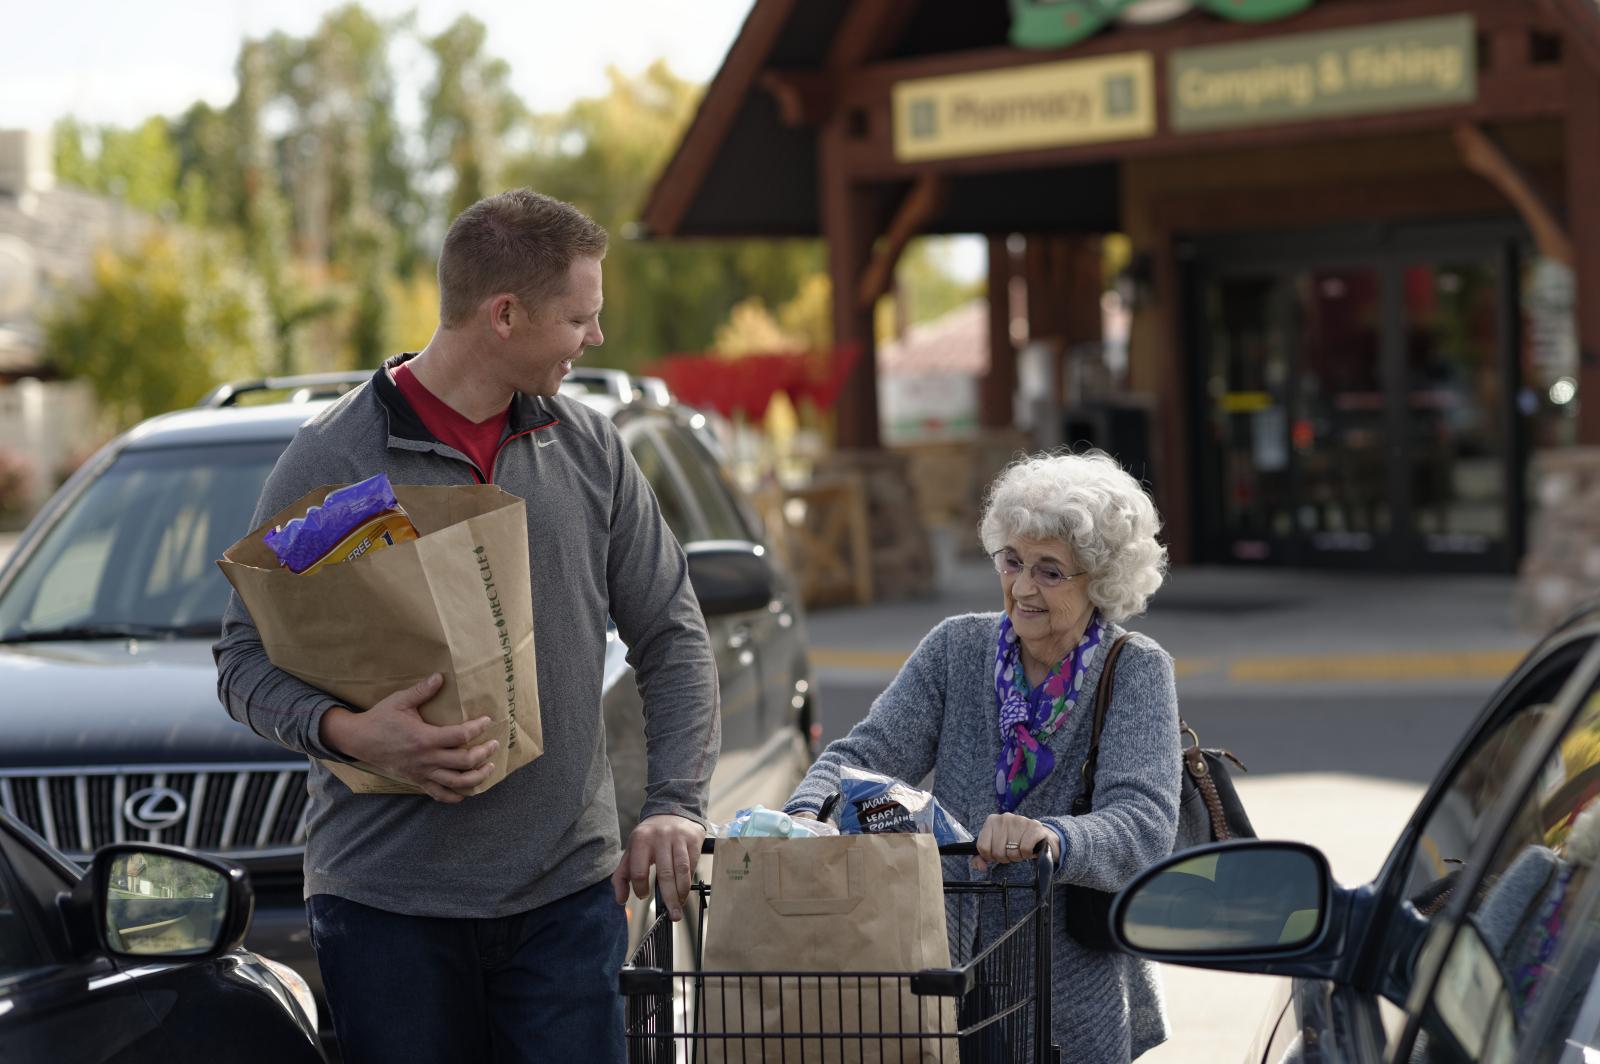 man-helping-elderly-woman-groceries-.jpg